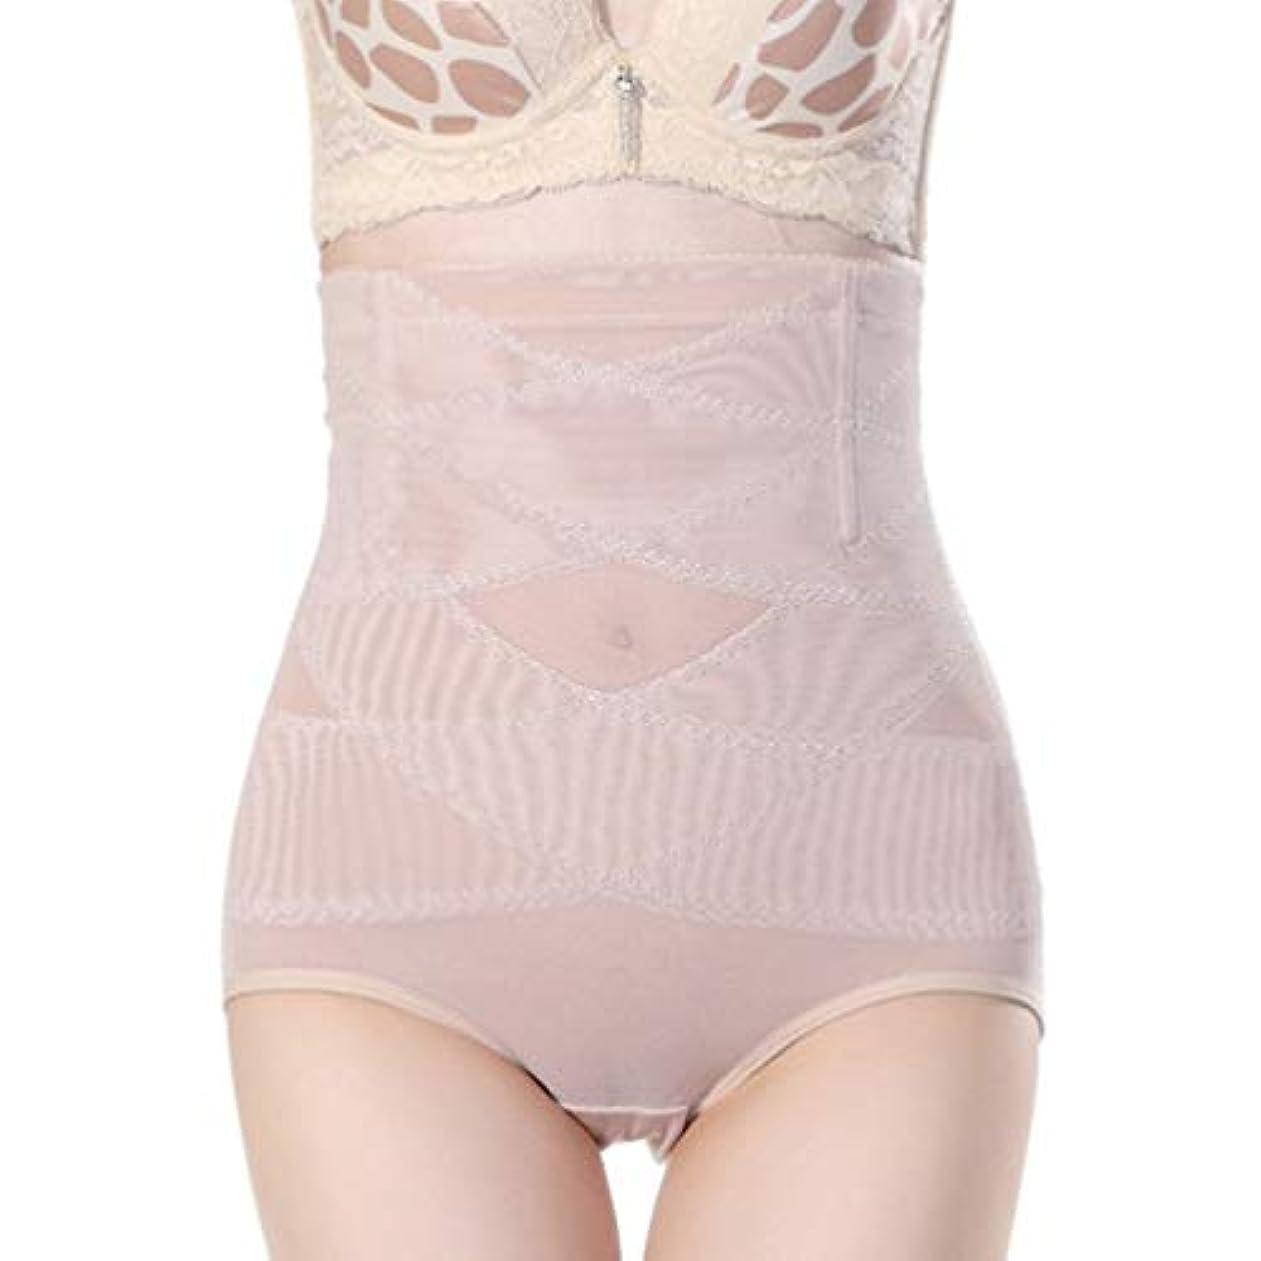 存在伝統パイント腹部制御下着シームレスおなかコントロールパンティーバットリフターボディシェイパーを痩身通気性のハイウエストの女性 - 肌色2 XL